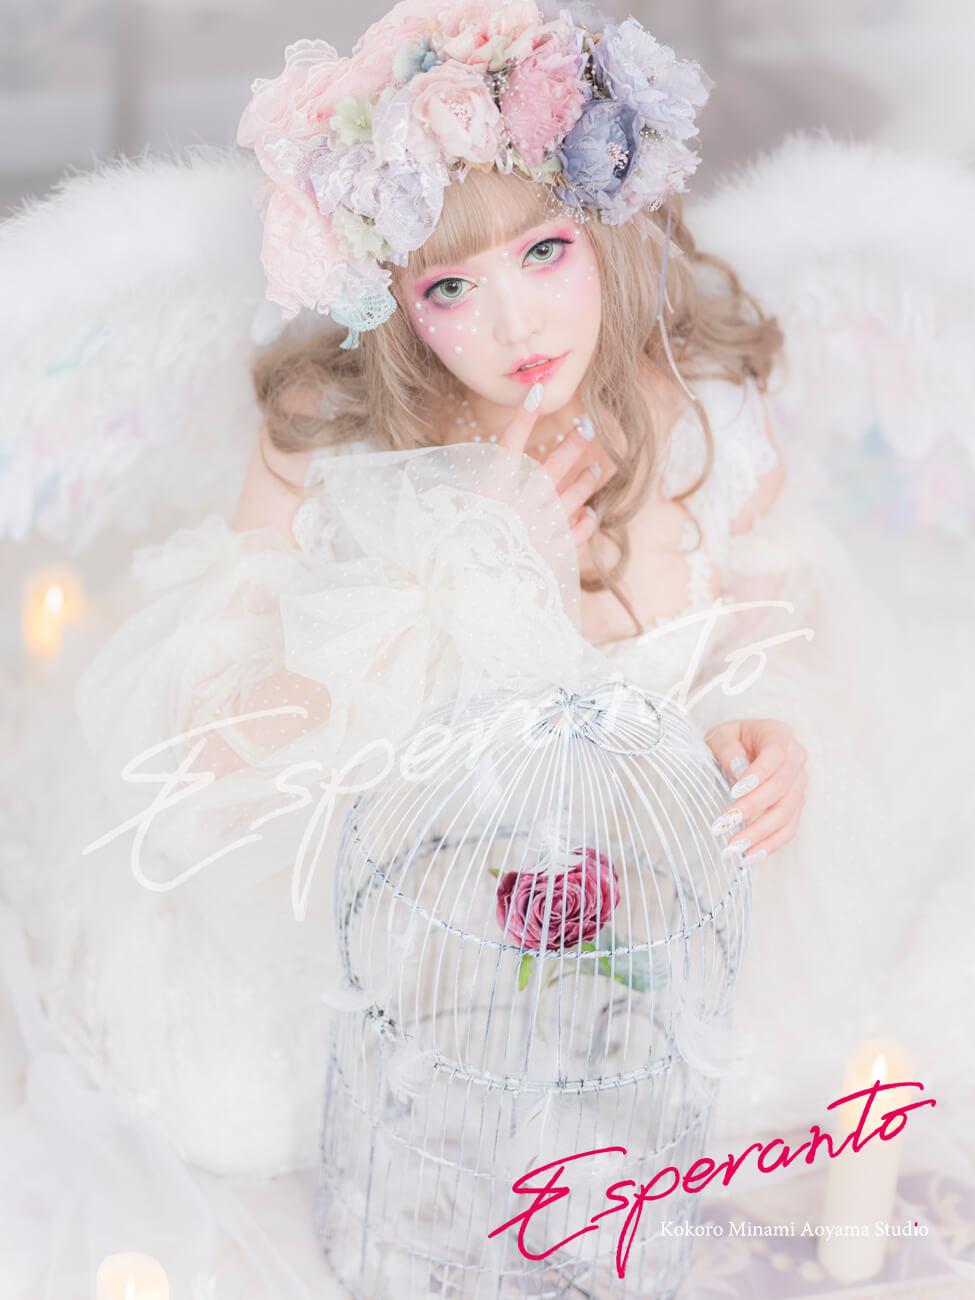 変身写真 天使